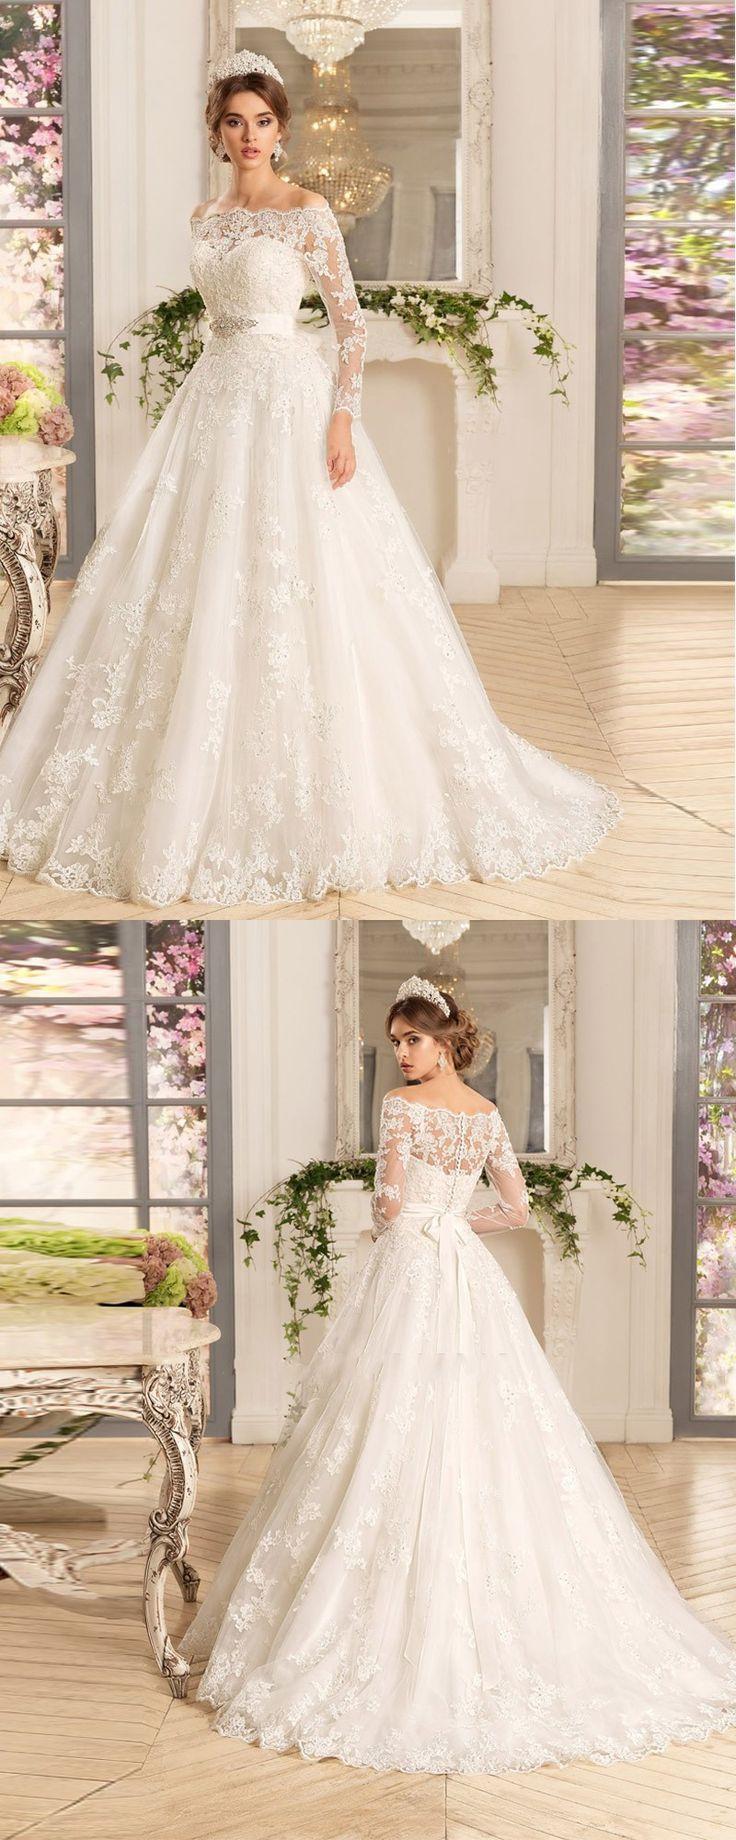 awesome Vestido De Noiva Manga Longa Three Quarter Sleeves A line Wedding Dress With Sas...